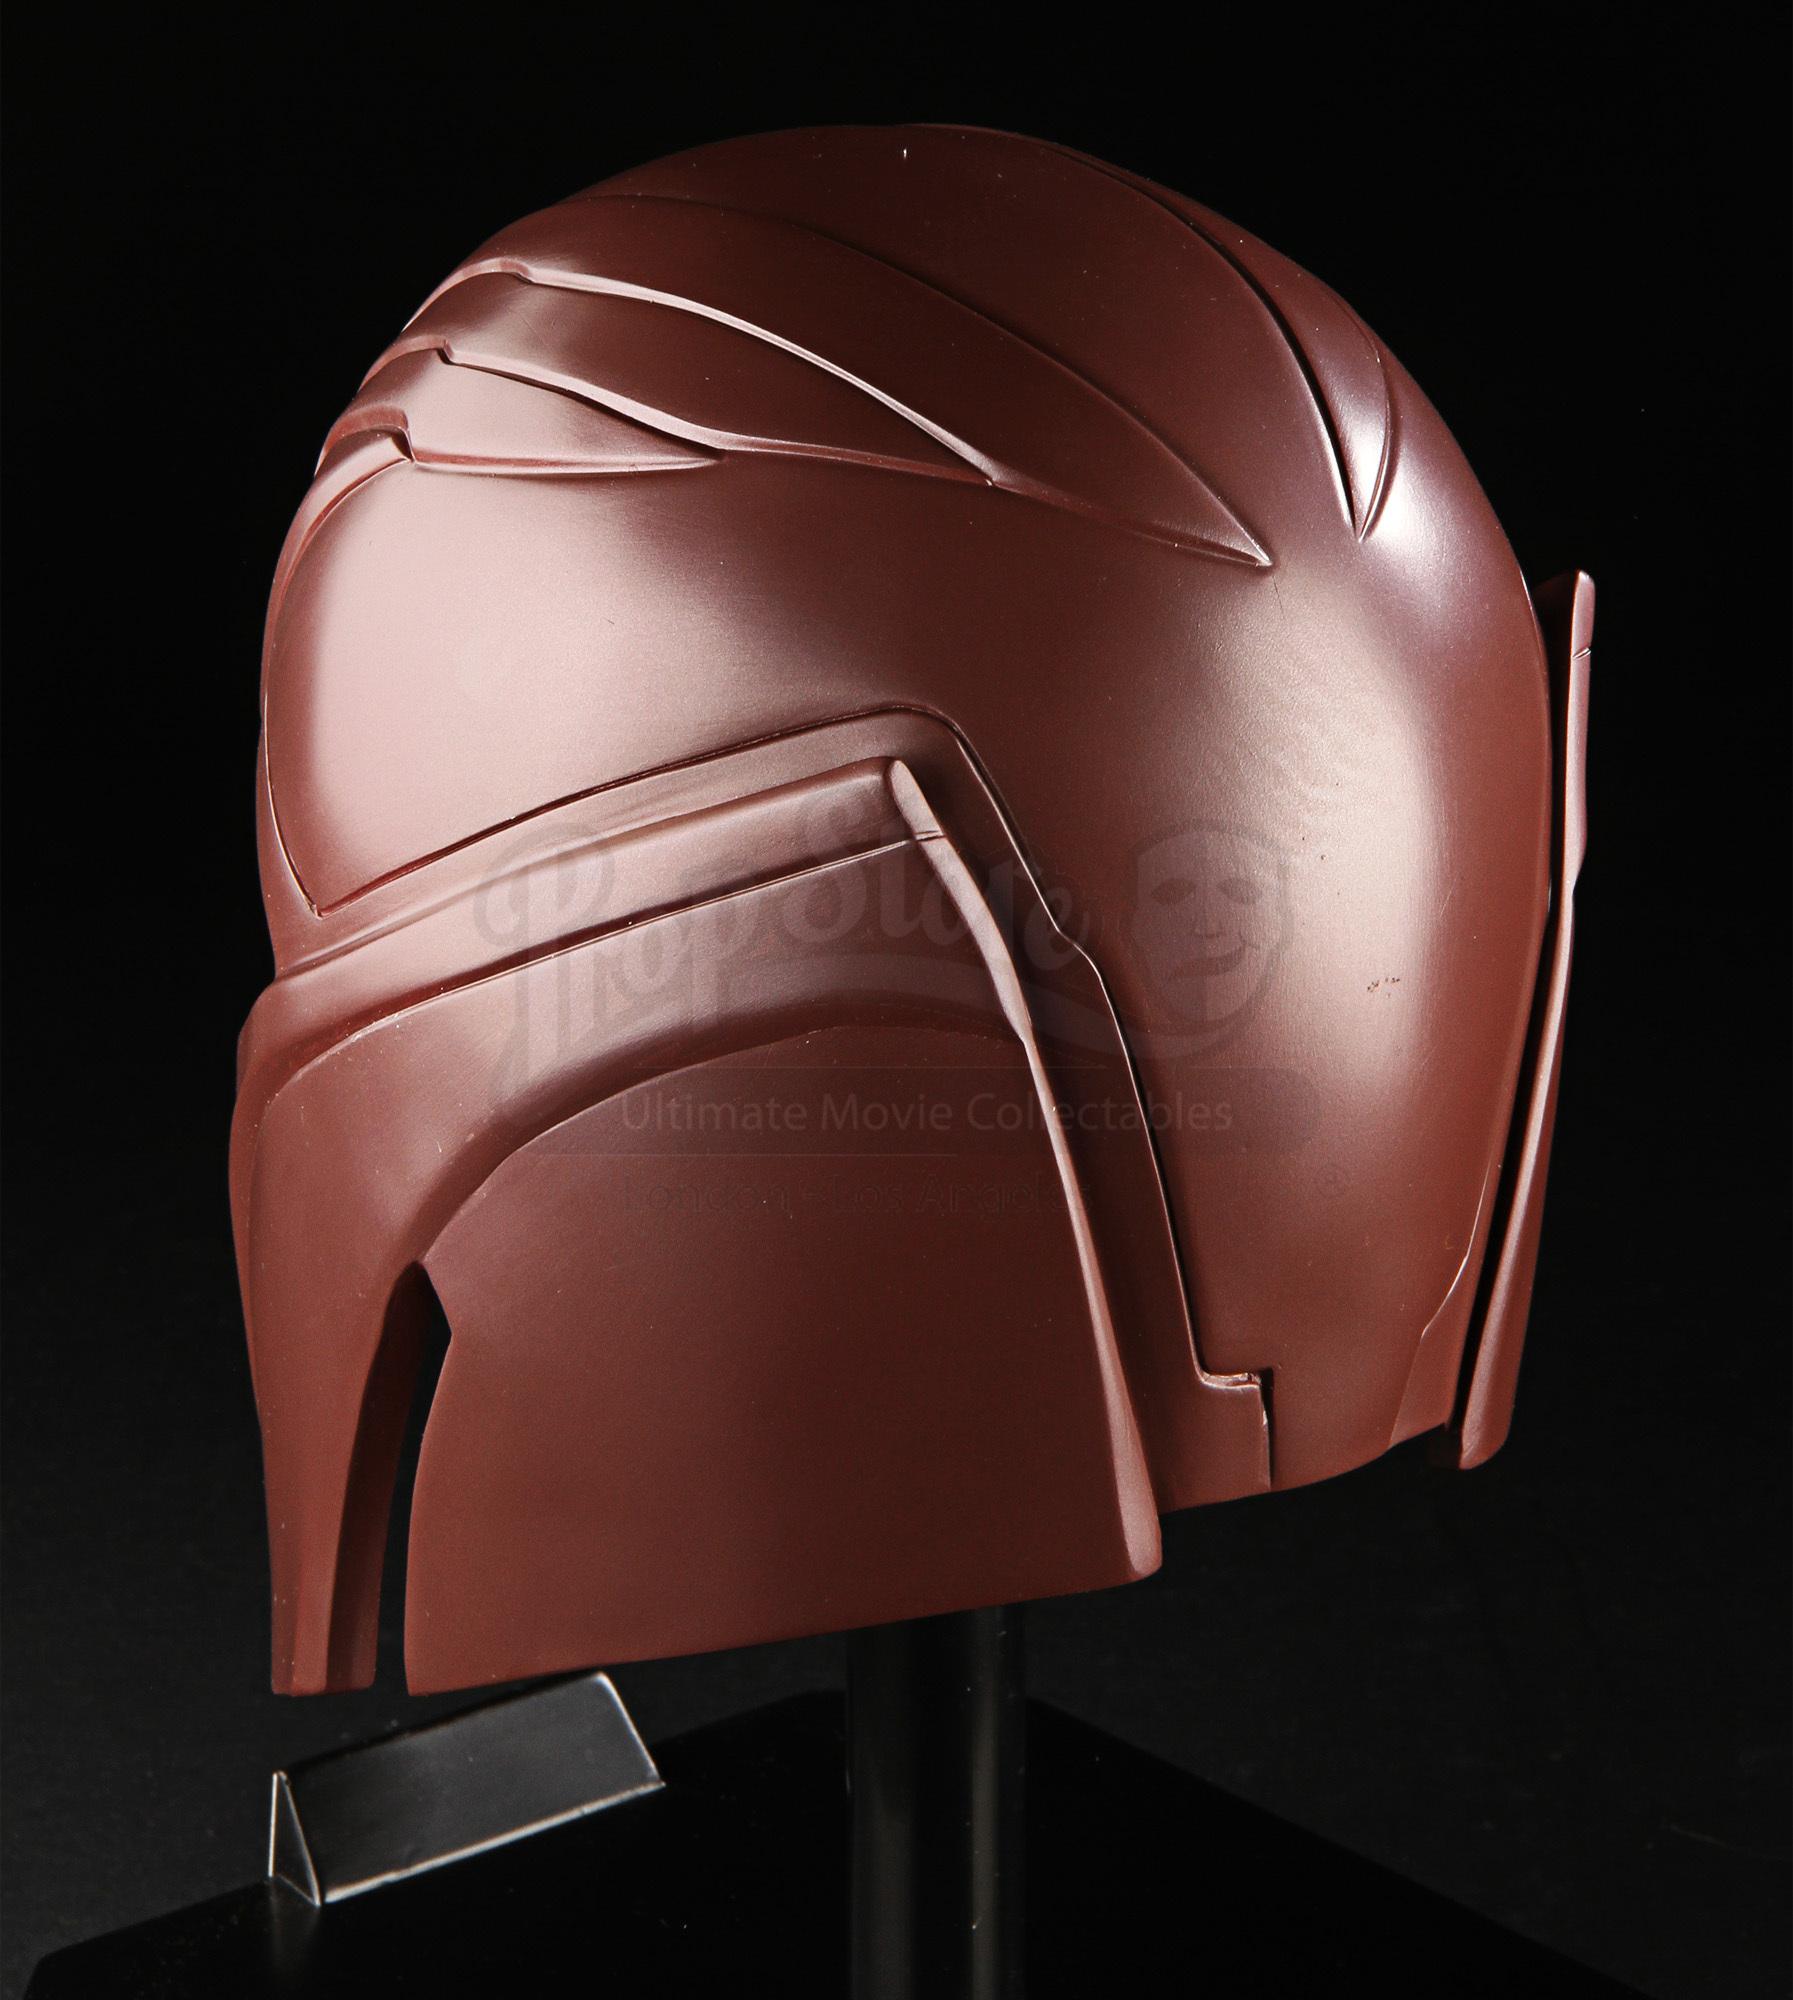 magneto helmet replica - photo #28